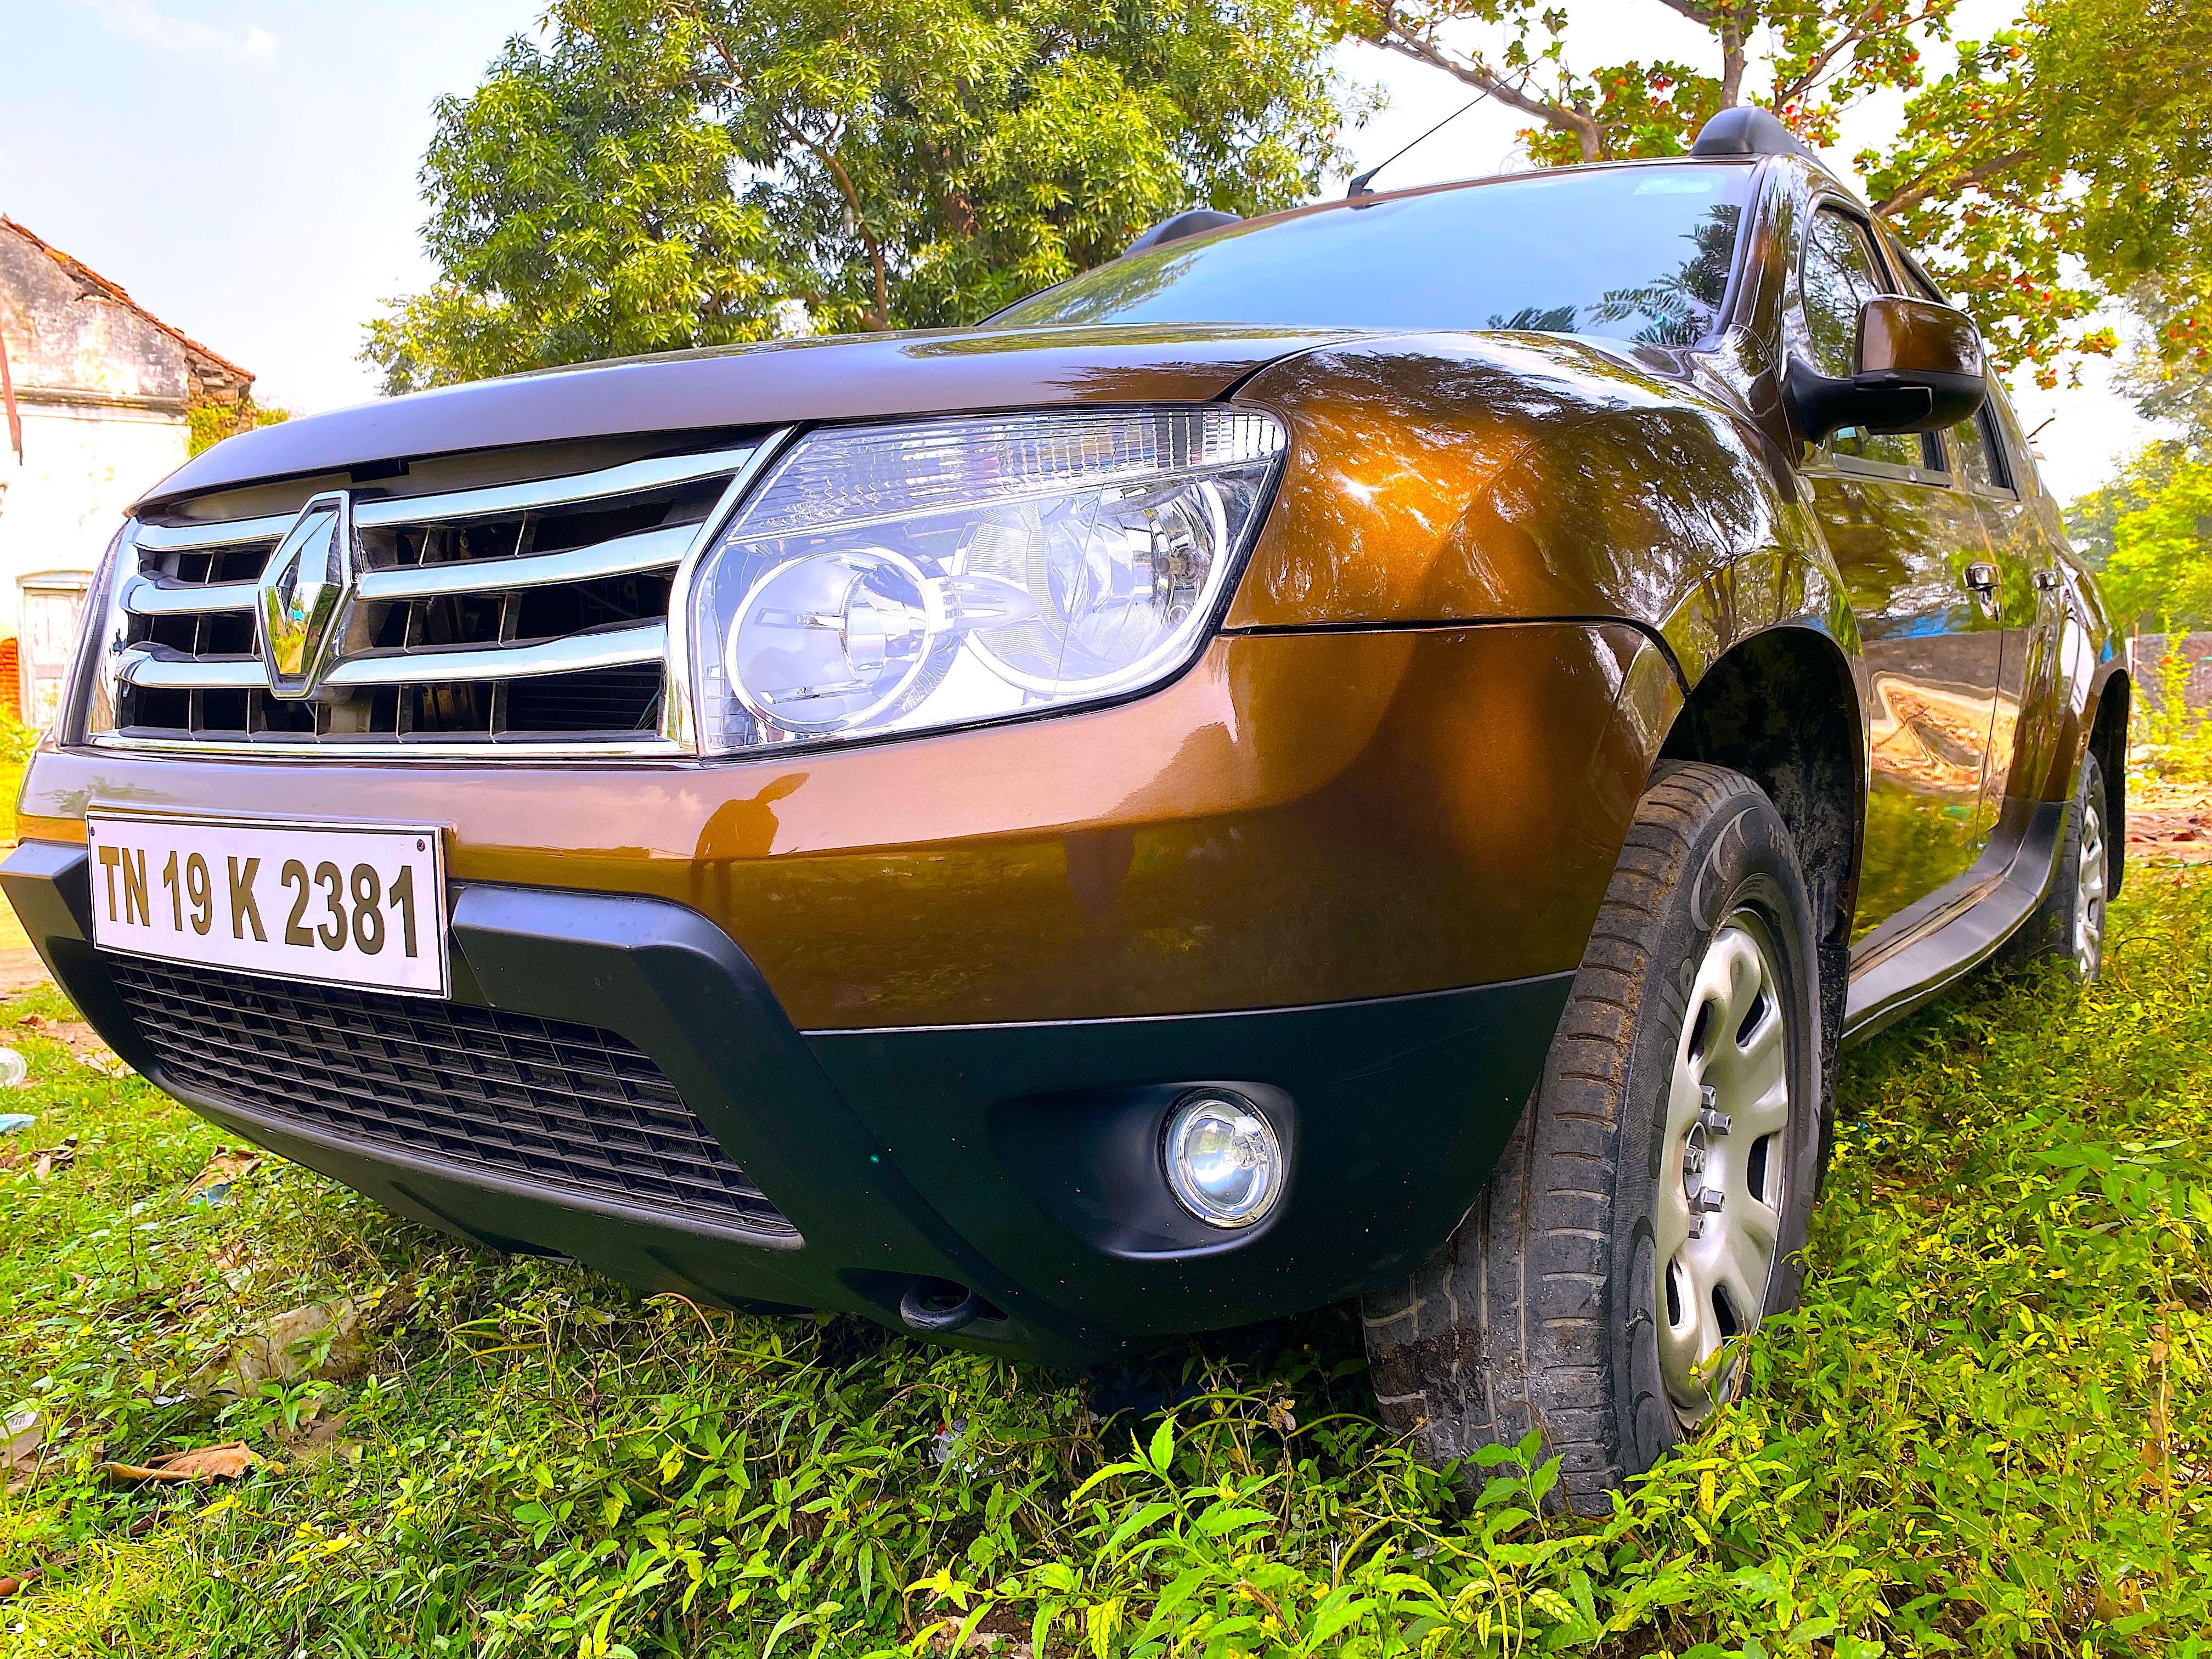 Renault Duster 2012-2015 85PS Diesel RxL Plus